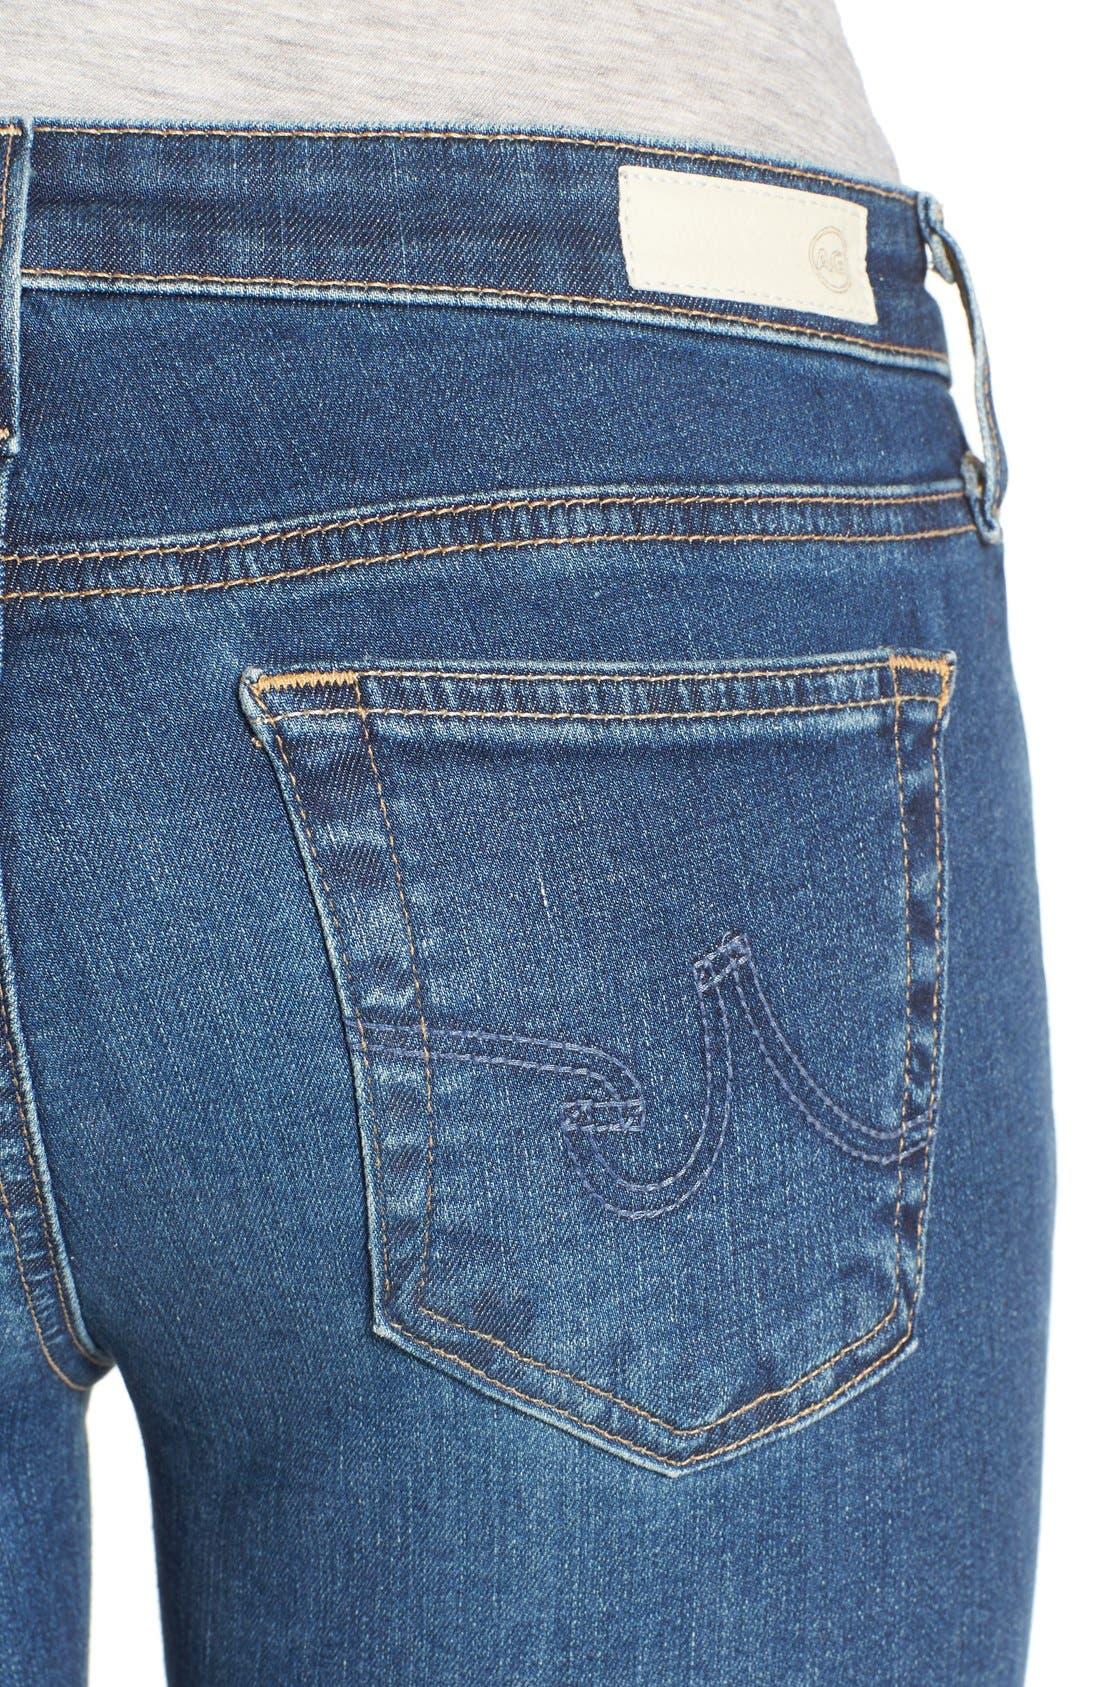 Alternate Image 4  - AG Jeans 'The Stilt' Crop Skinny Stretch Jeans